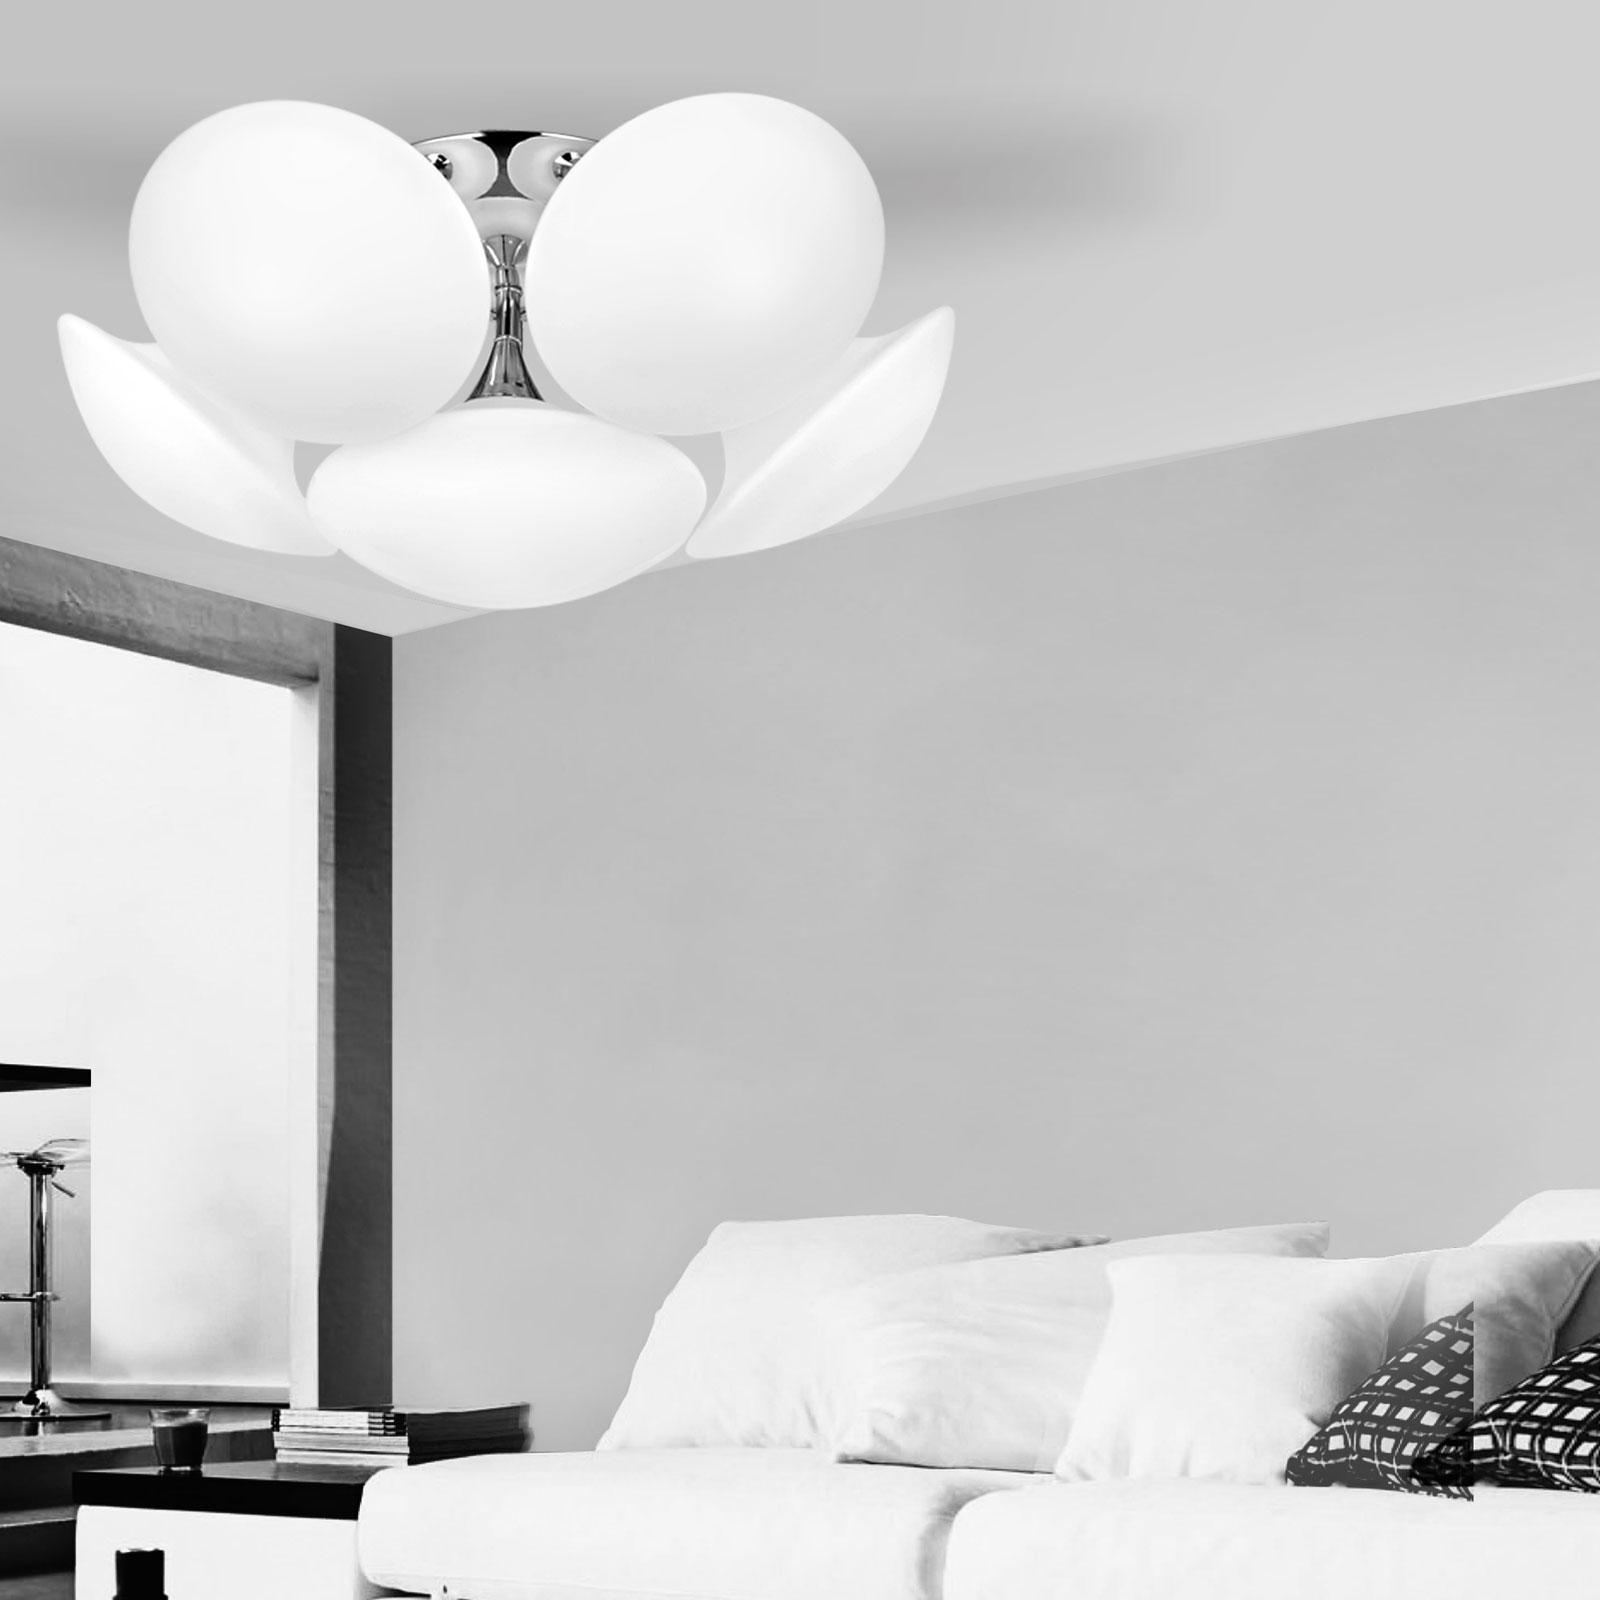 Full Size of Wohnzimmer Vorhänge Bogenlampe Esstisch Deckenlampen Board Anbauwand Deko Gardine Bad Lampen Stehleuchte Liege Landhausstil Teppiche Bilder Xxl Lampe Wohnzimmer Wohnzimmer Lampe